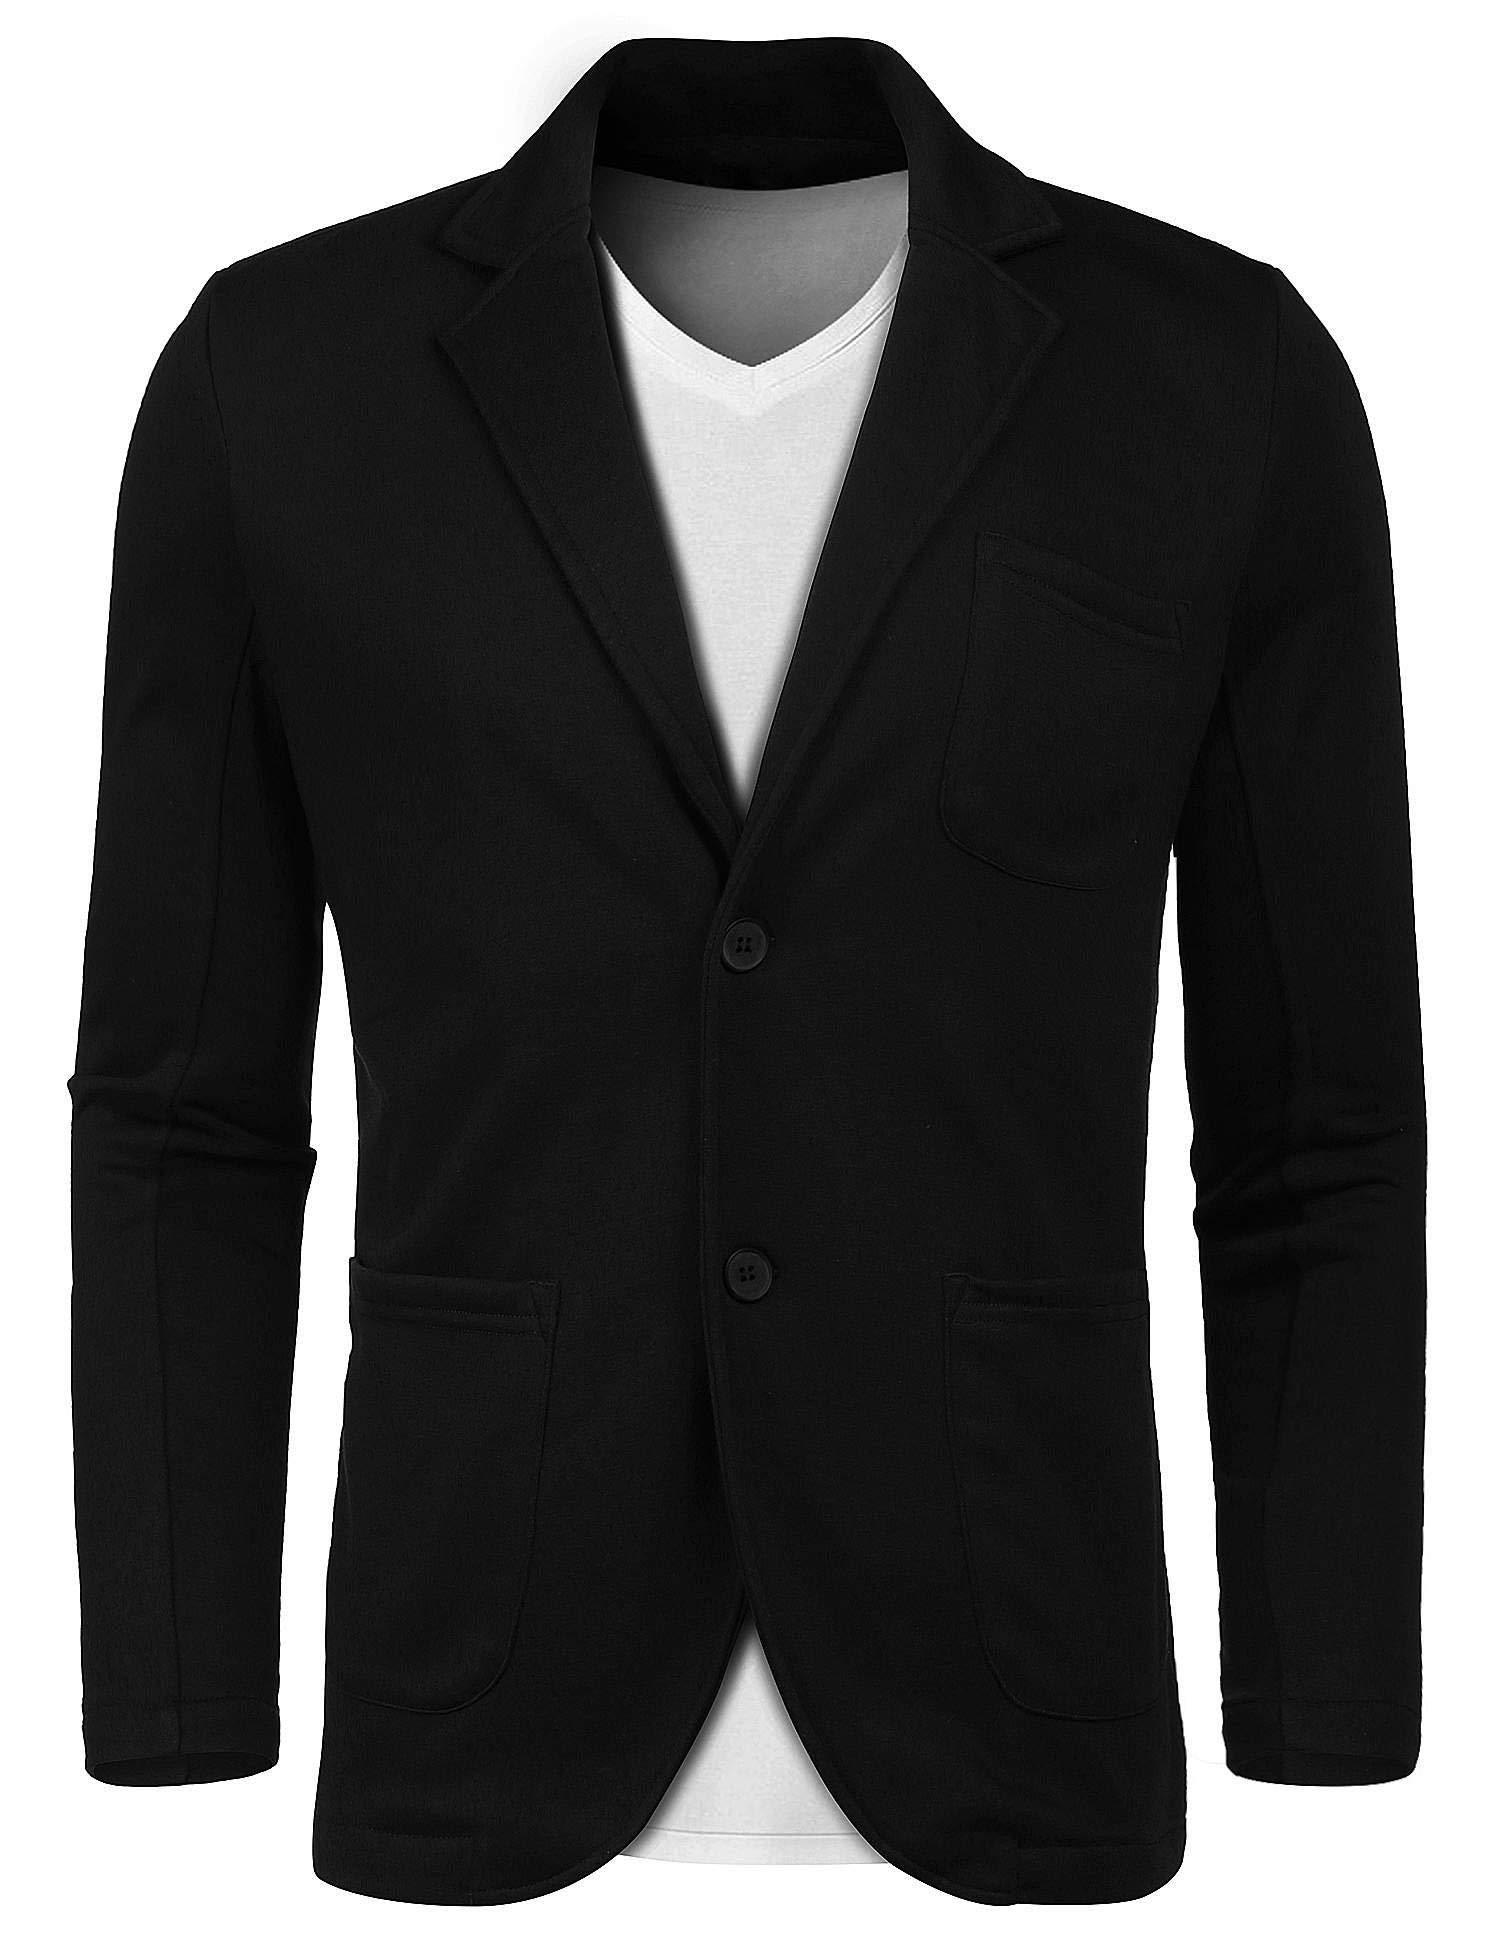 Lunir Men's Little Slim Lightweight Soft Ruched Sleeve Black Blazer Elegant by Lunir